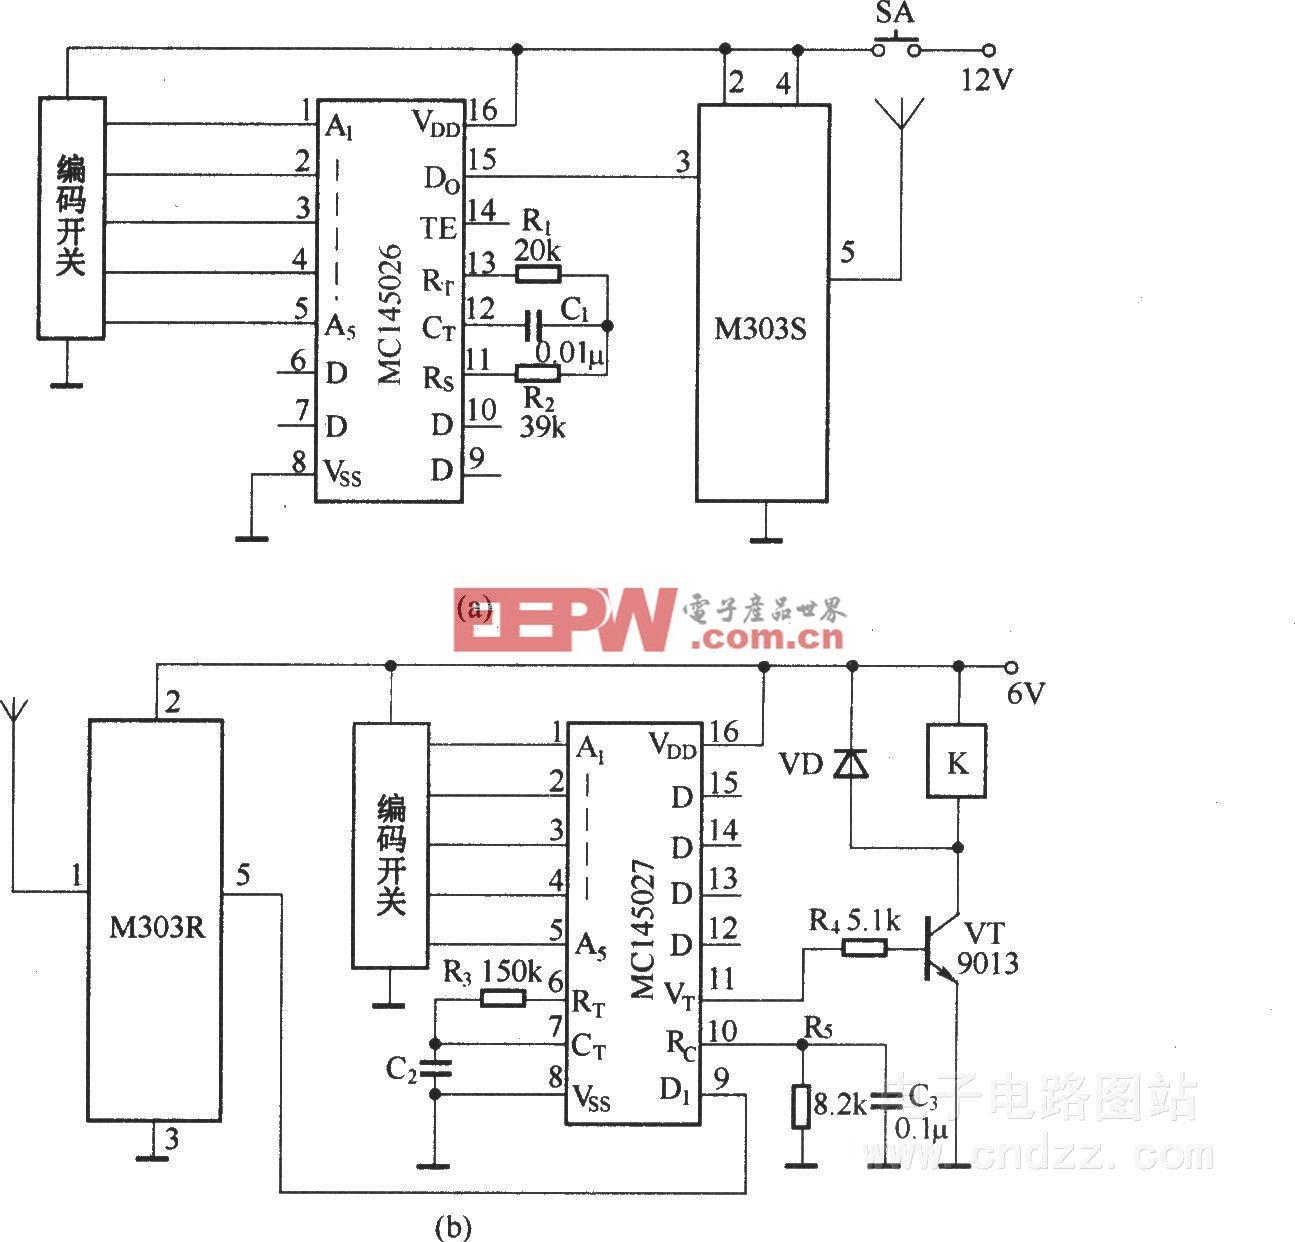 数字编码遥控开关(数字编译码器MC145026/MC145027微型无线电收发模块M303S/M303R)